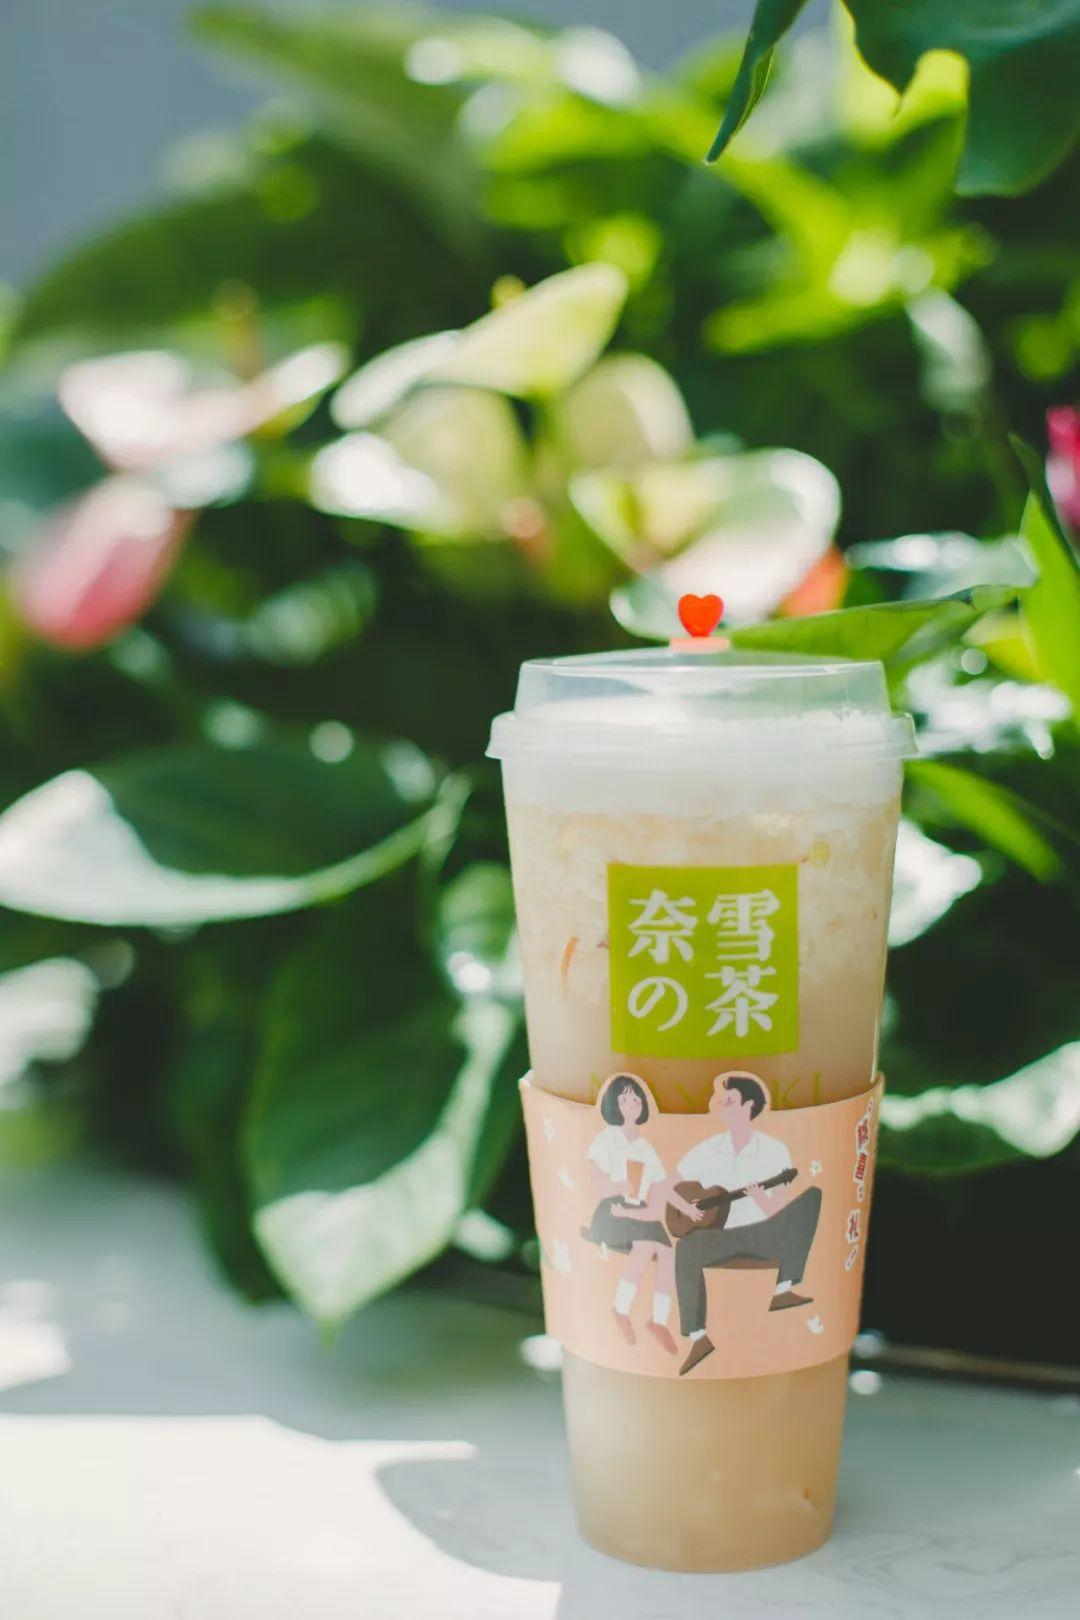 郑州这一杯好茶,凭什么能迷倒少女男神陈飞宇?